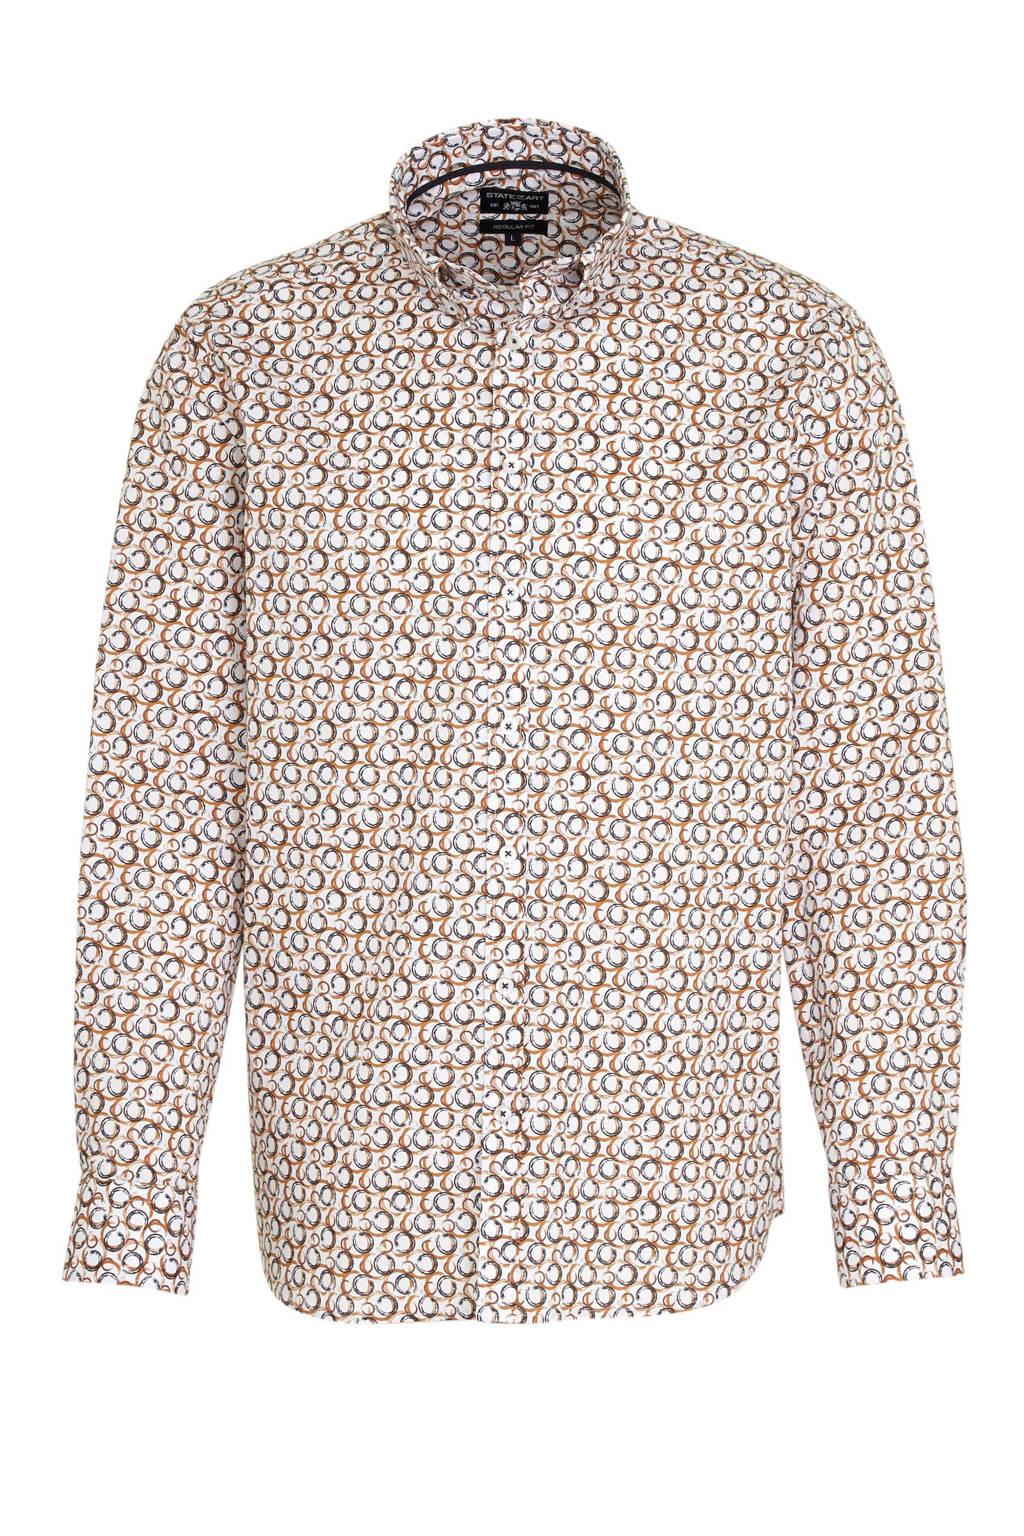 State of Art regular fit overhemd met all over print camel/wit, Camel/wit